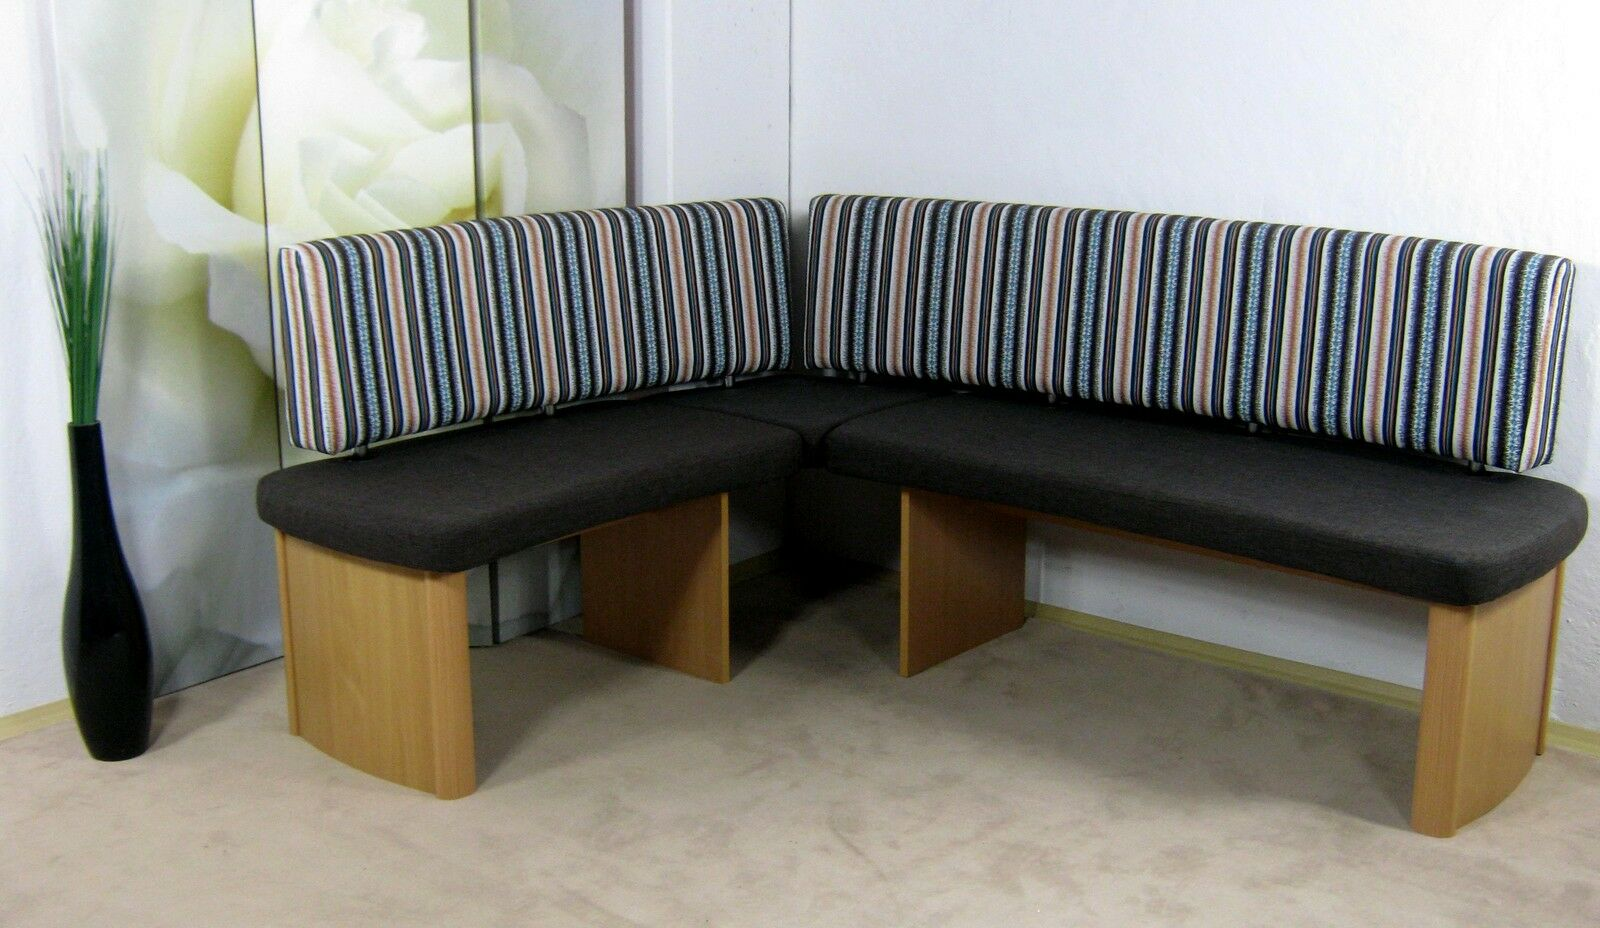 Moderne Eckbank Mocca Blau Sitzecke Esszimmer Kuchenbank Essecke